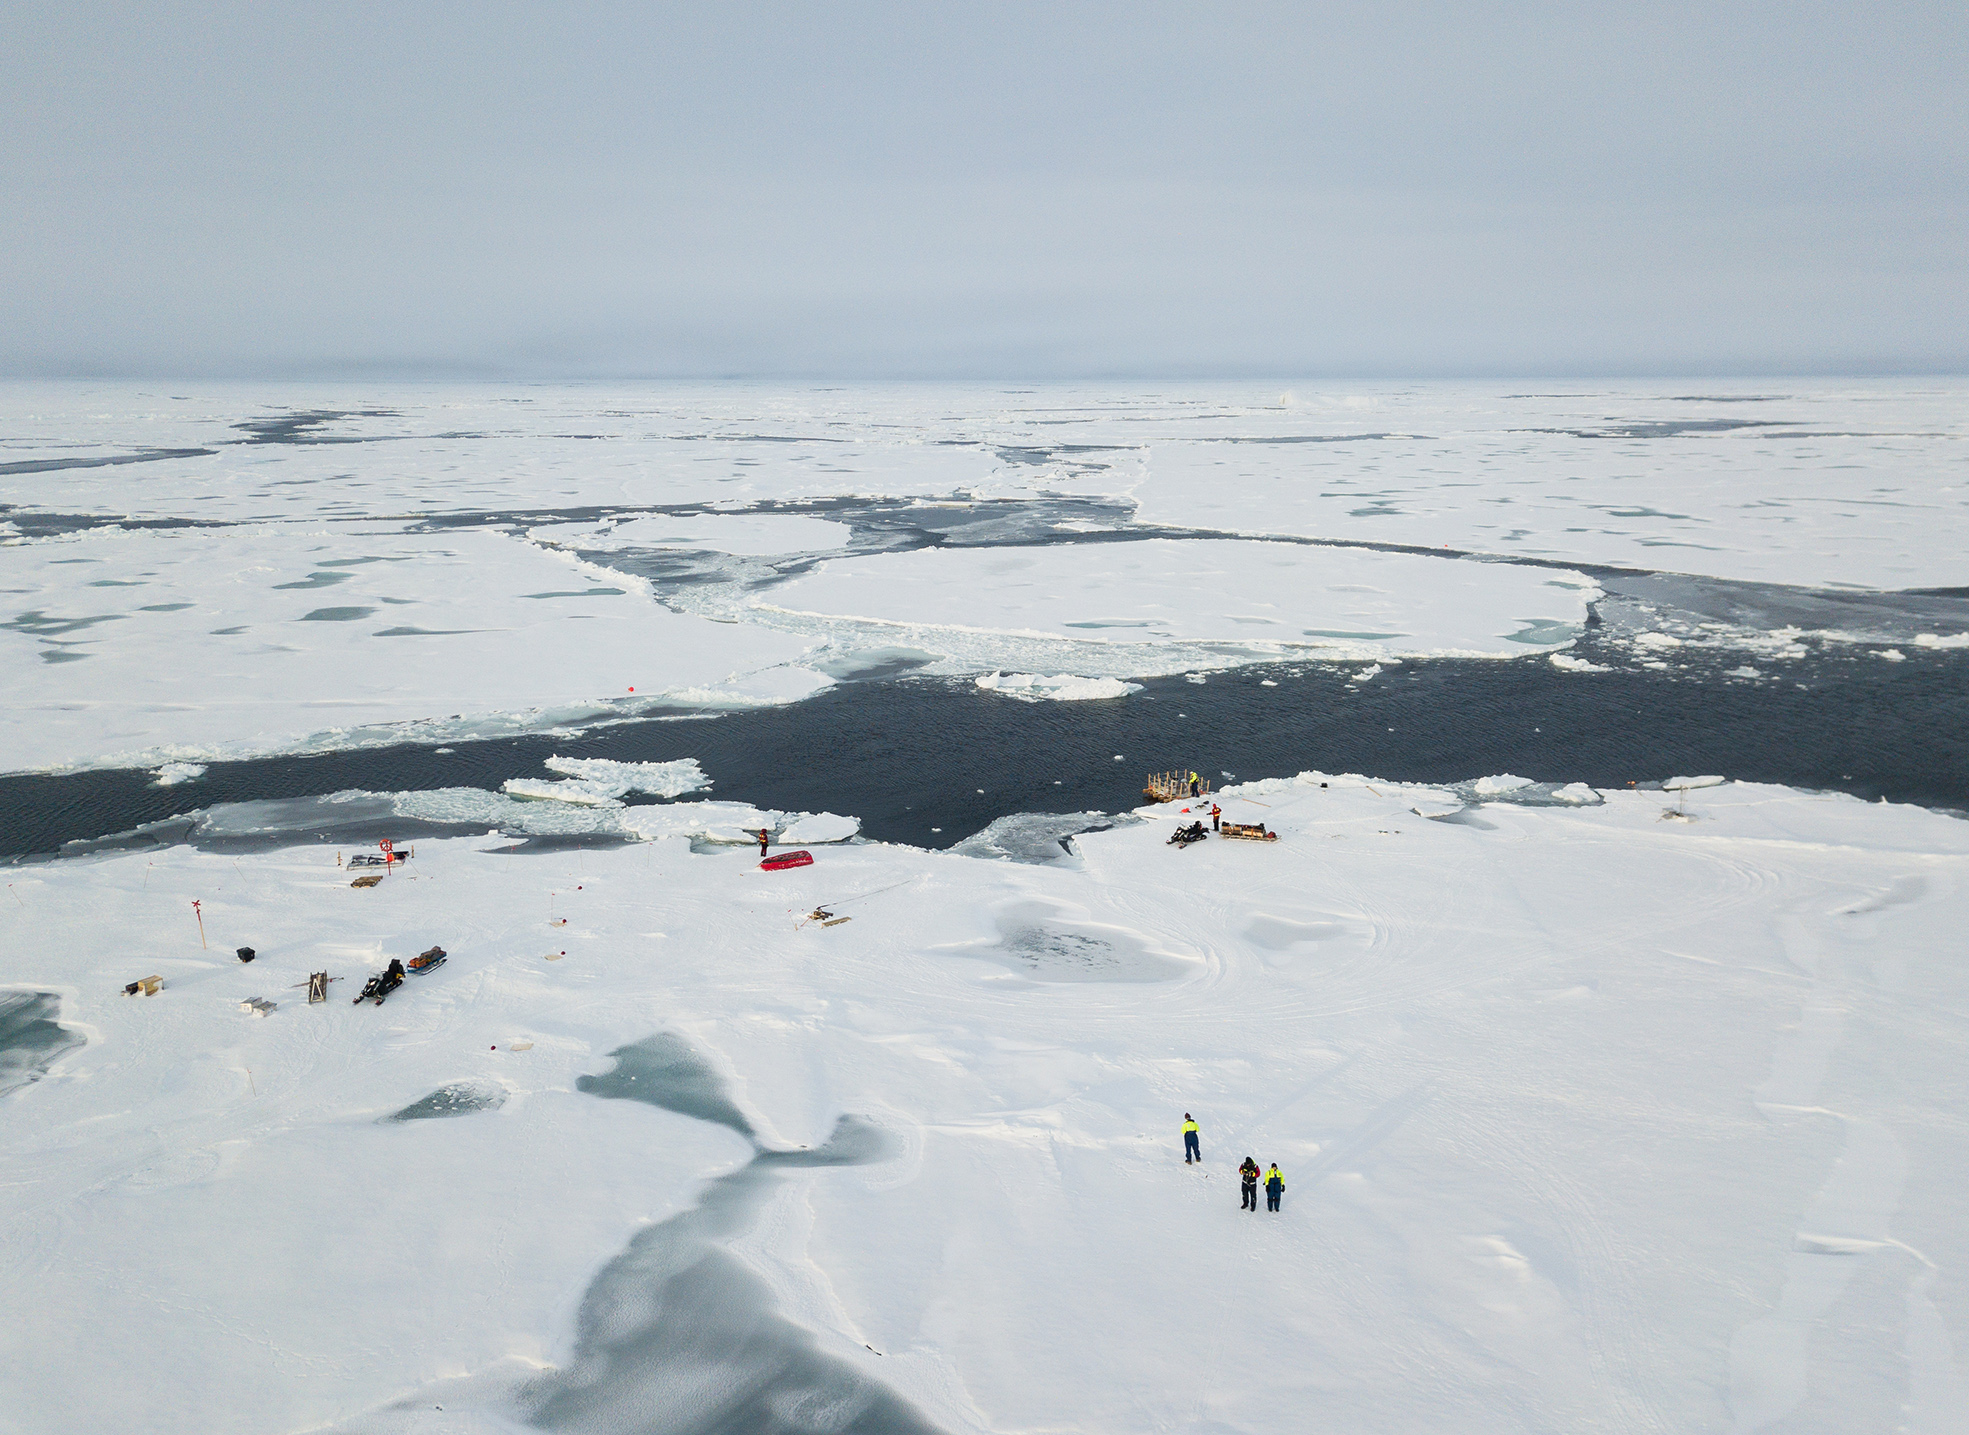 Den öppna råk där mätningarna skedde och närliggande isflak som var i ständig rörelse. Foto: Lars Lehnert